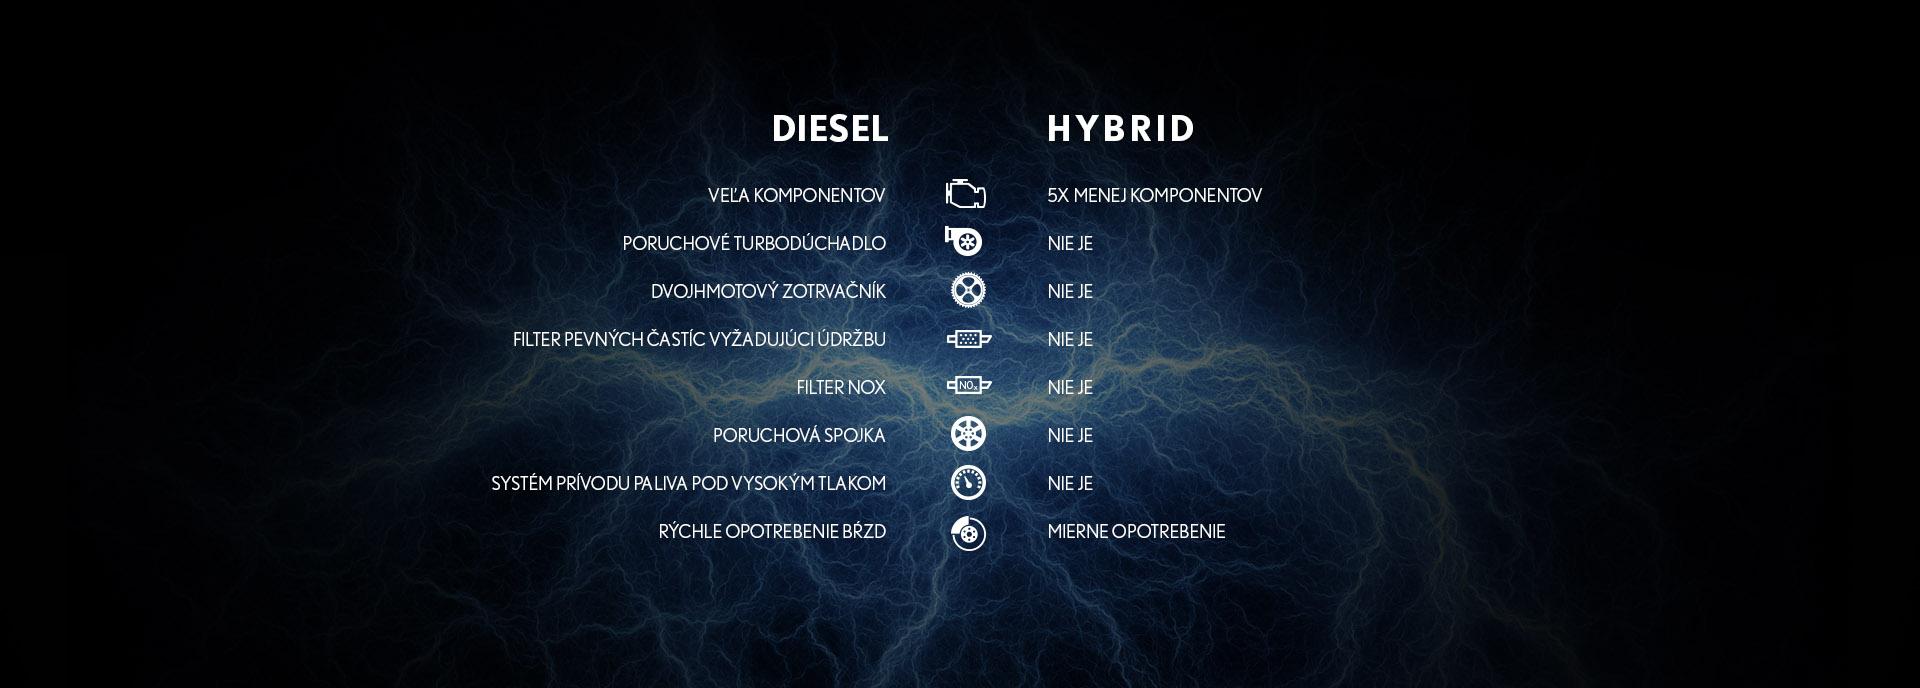 Diesel vs Hybrid Image 2